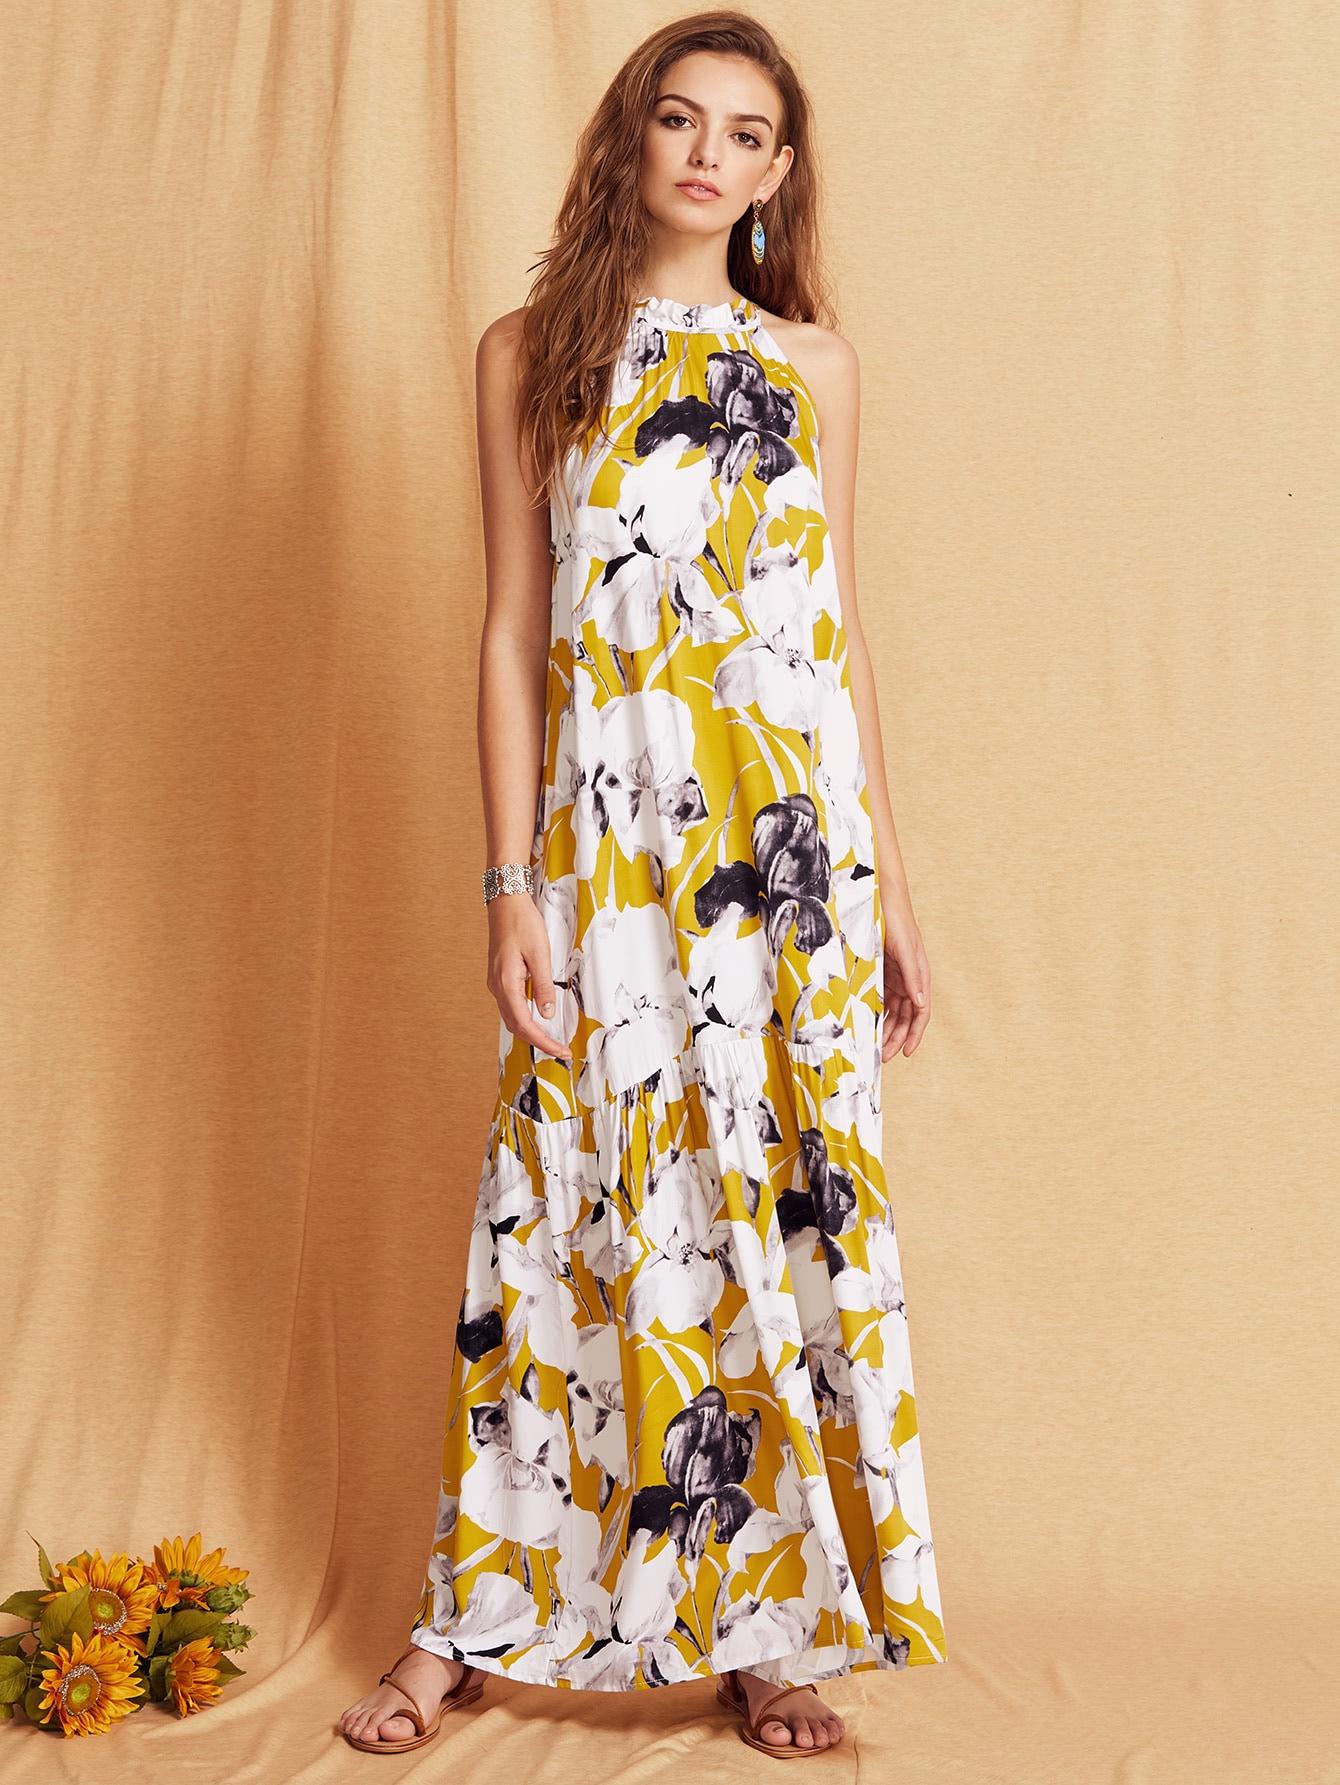 Flower Print Halter Neck Full Length Beach Dress two tone letter print full length dress